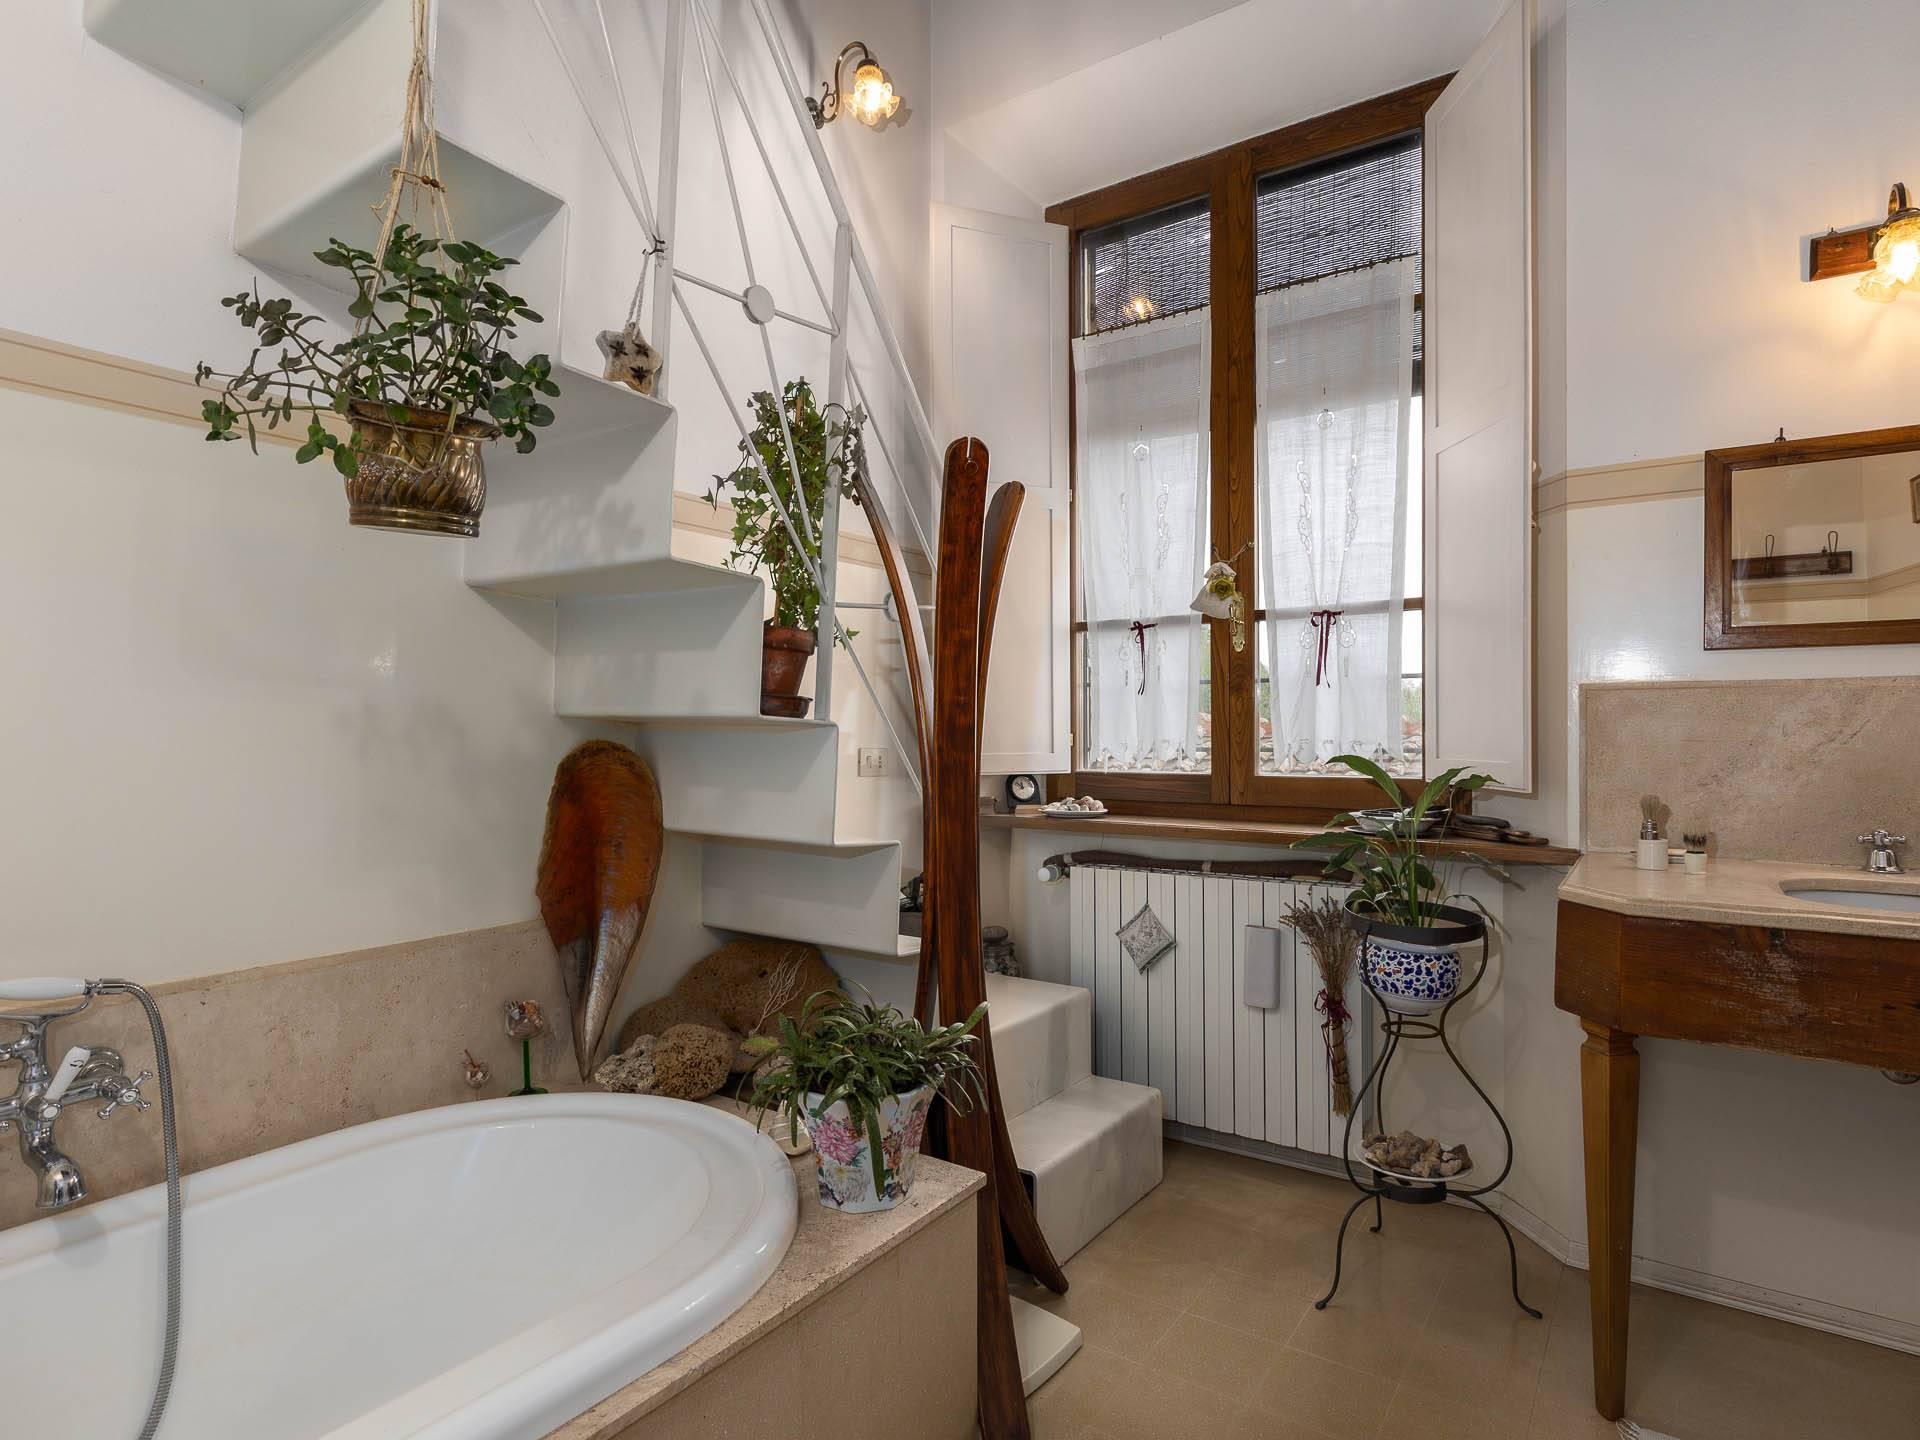 bagno con soppalco